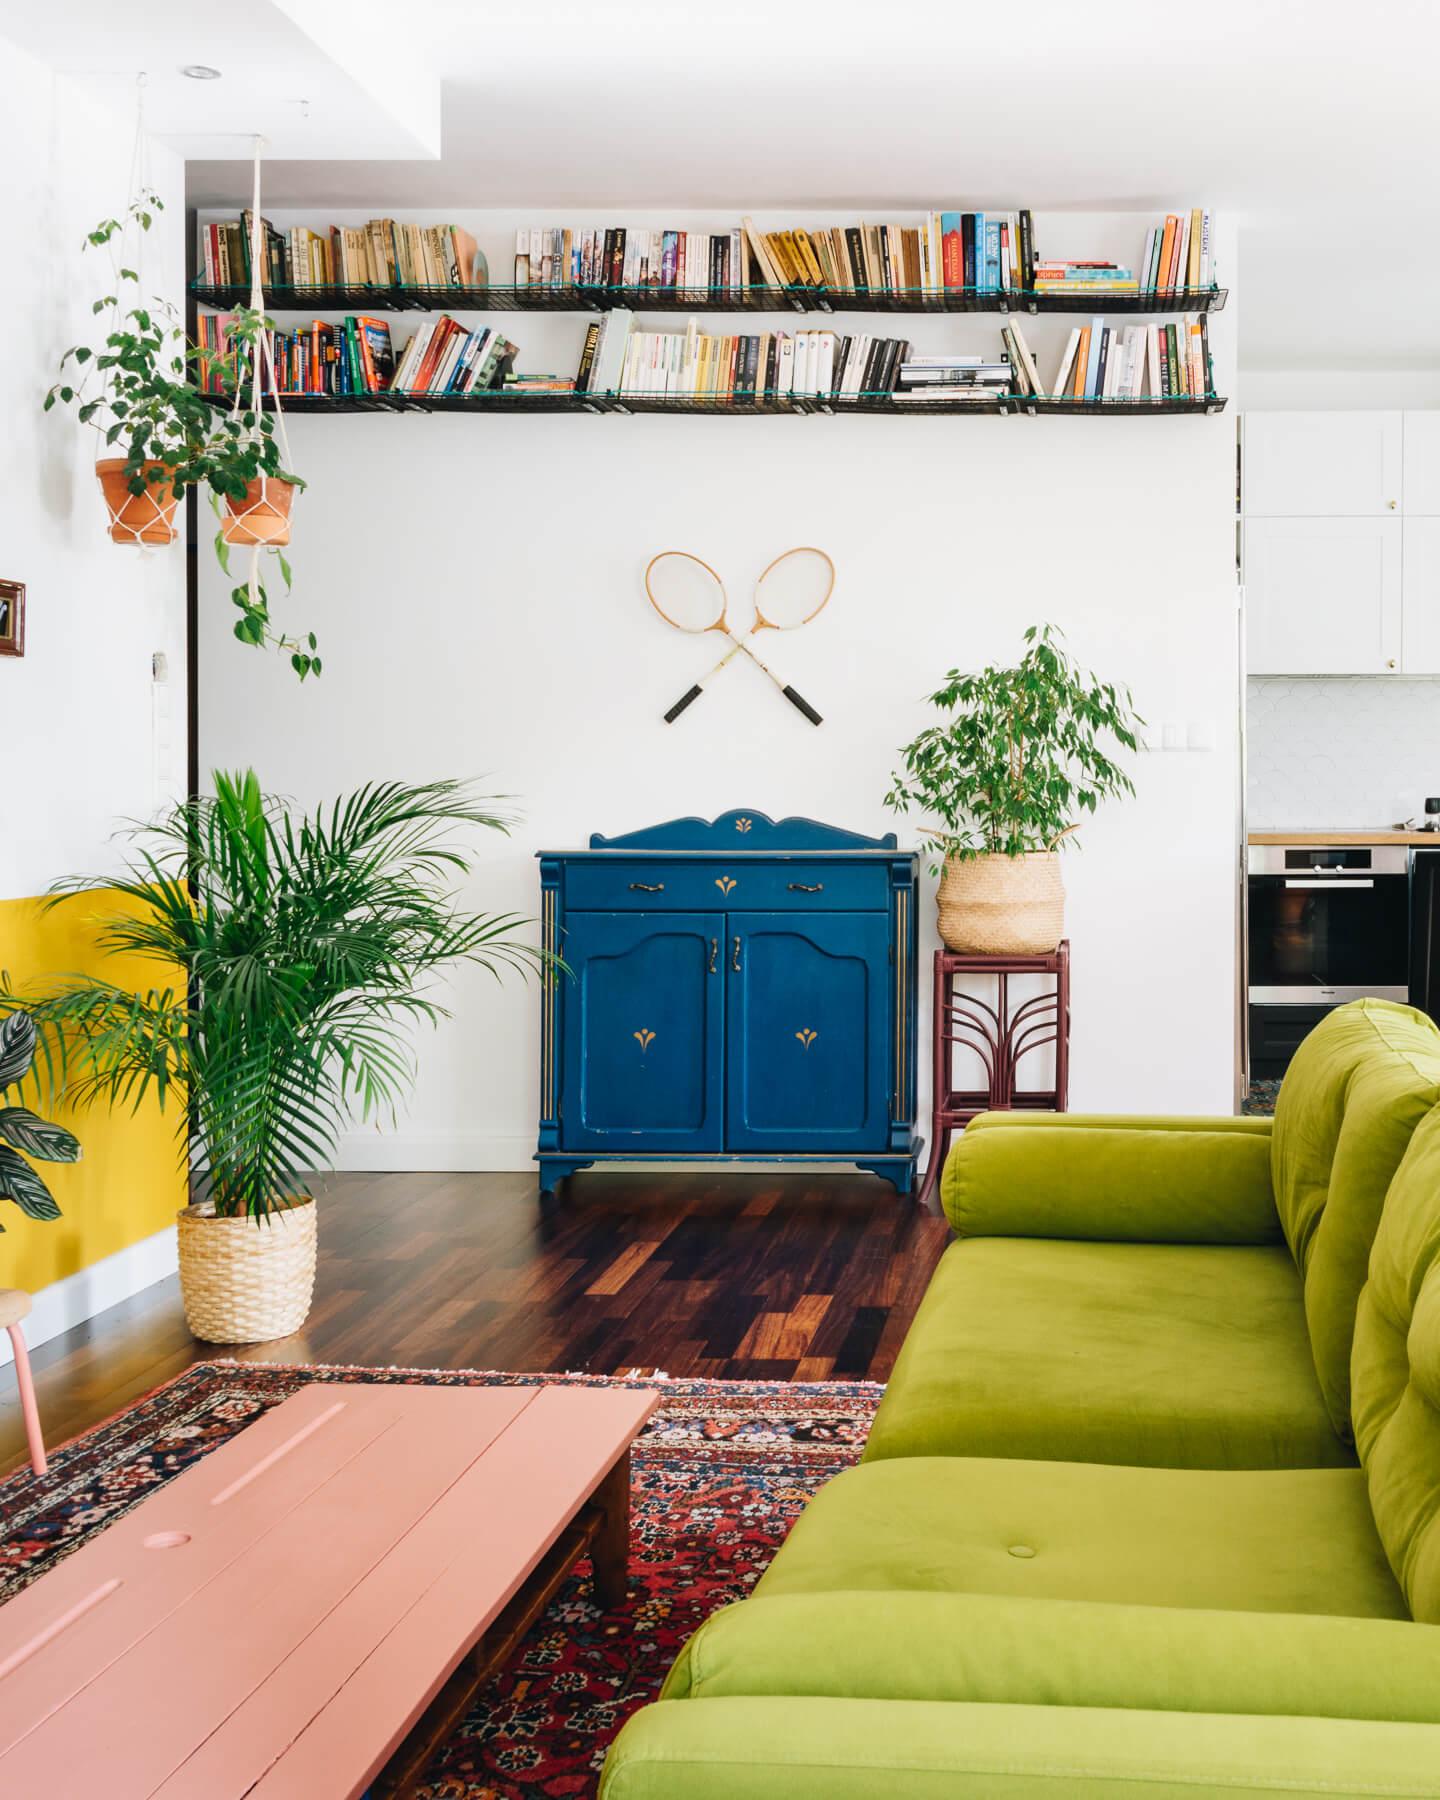 Fragment kolorowego salonu urządzonego w eklektycznym stylu z zieloną kanapą, niebieską szafką, orientalnym dywanem